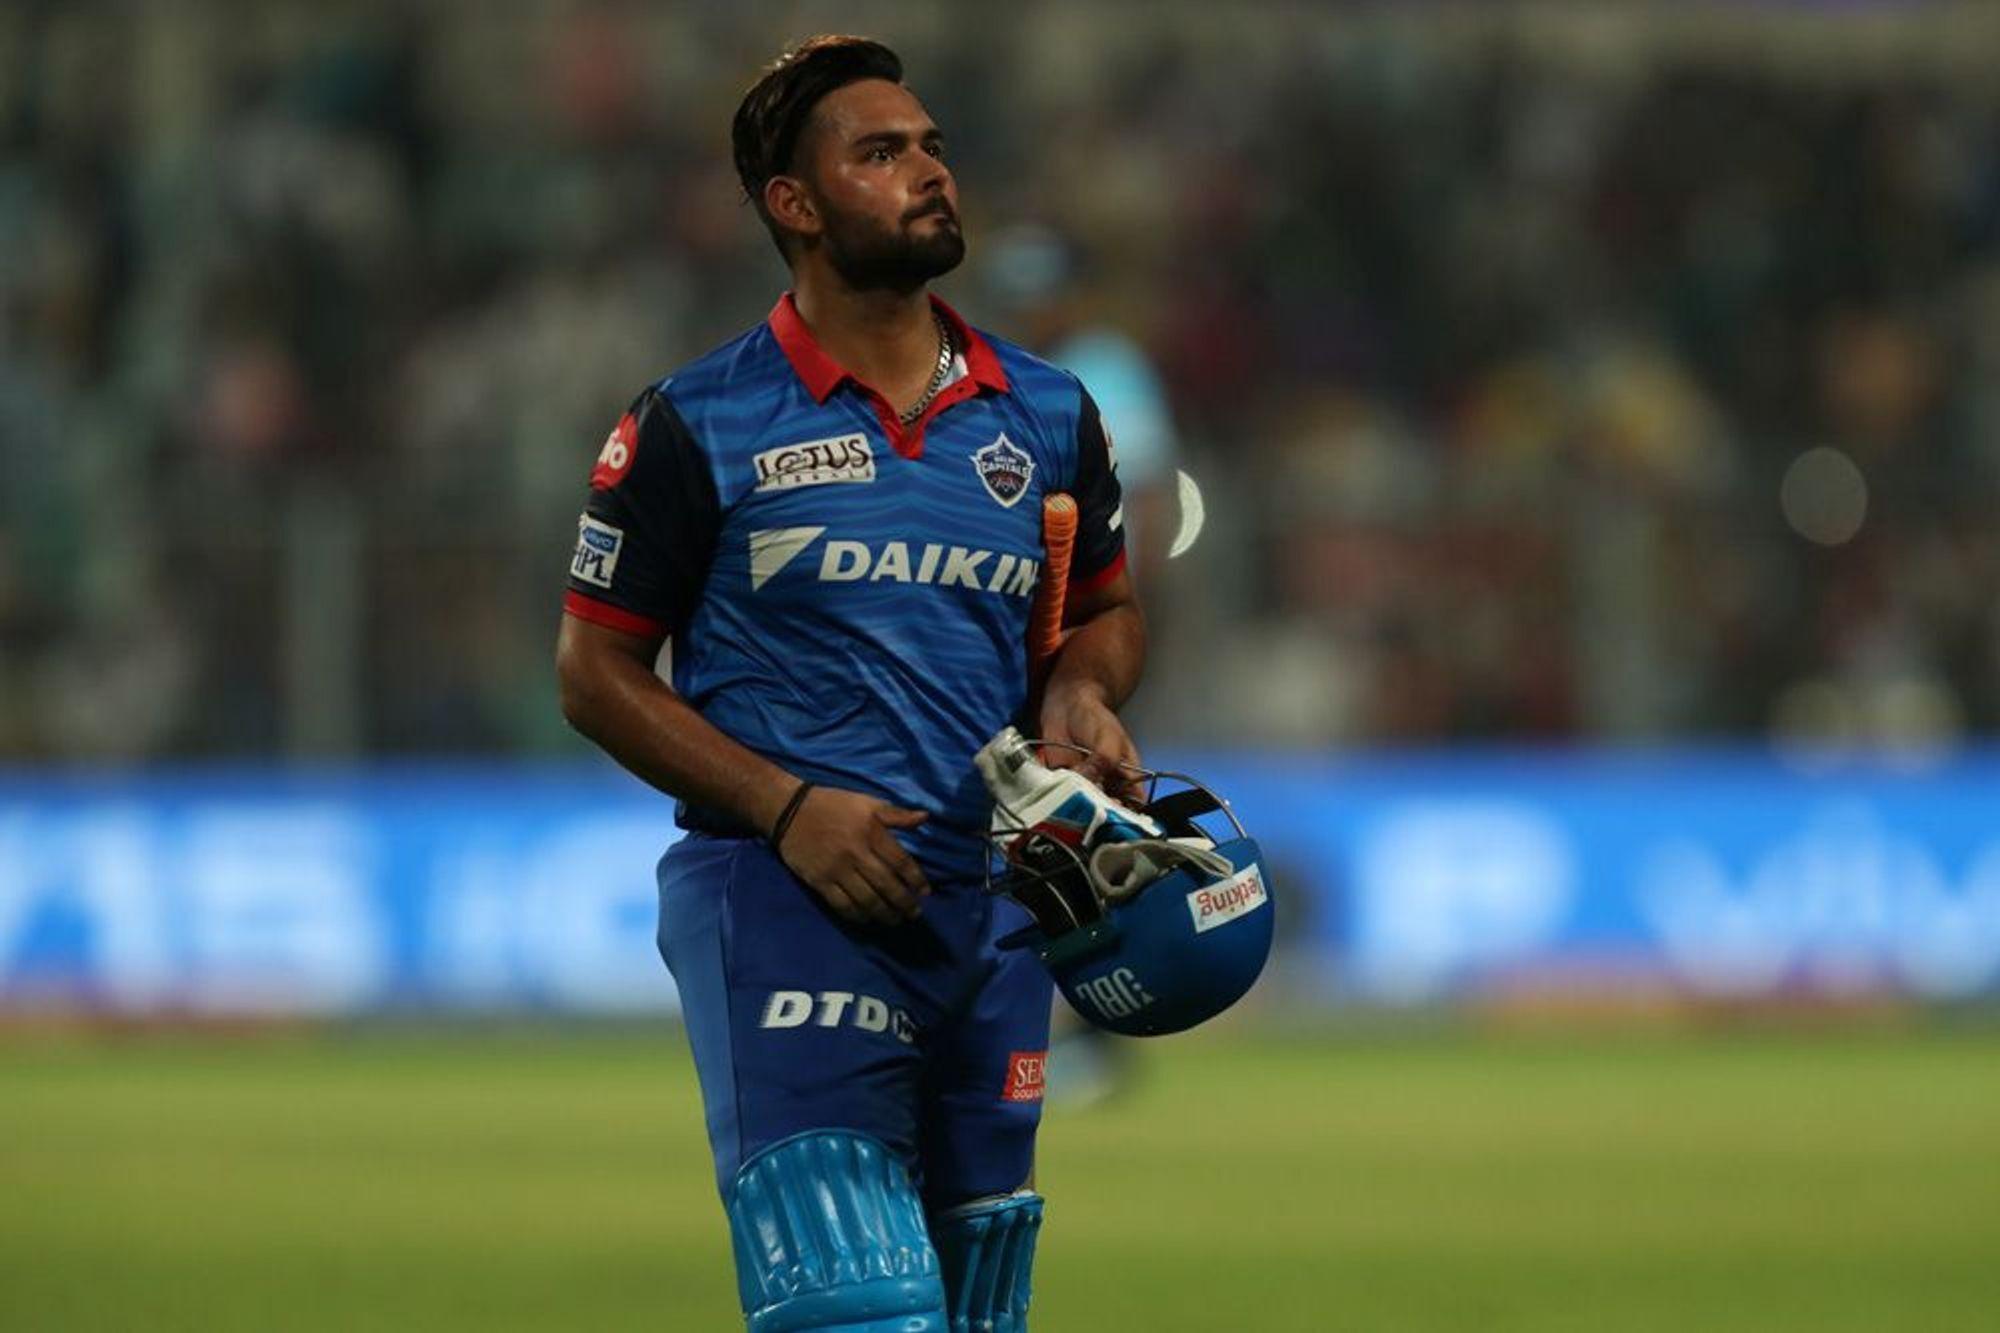 KKRvsDC : मैच के बाद ऋषभ पंत ने बताया विकेट होने के बाद भी क्यों अंत तक की धीमी बल्लेबाजी 1